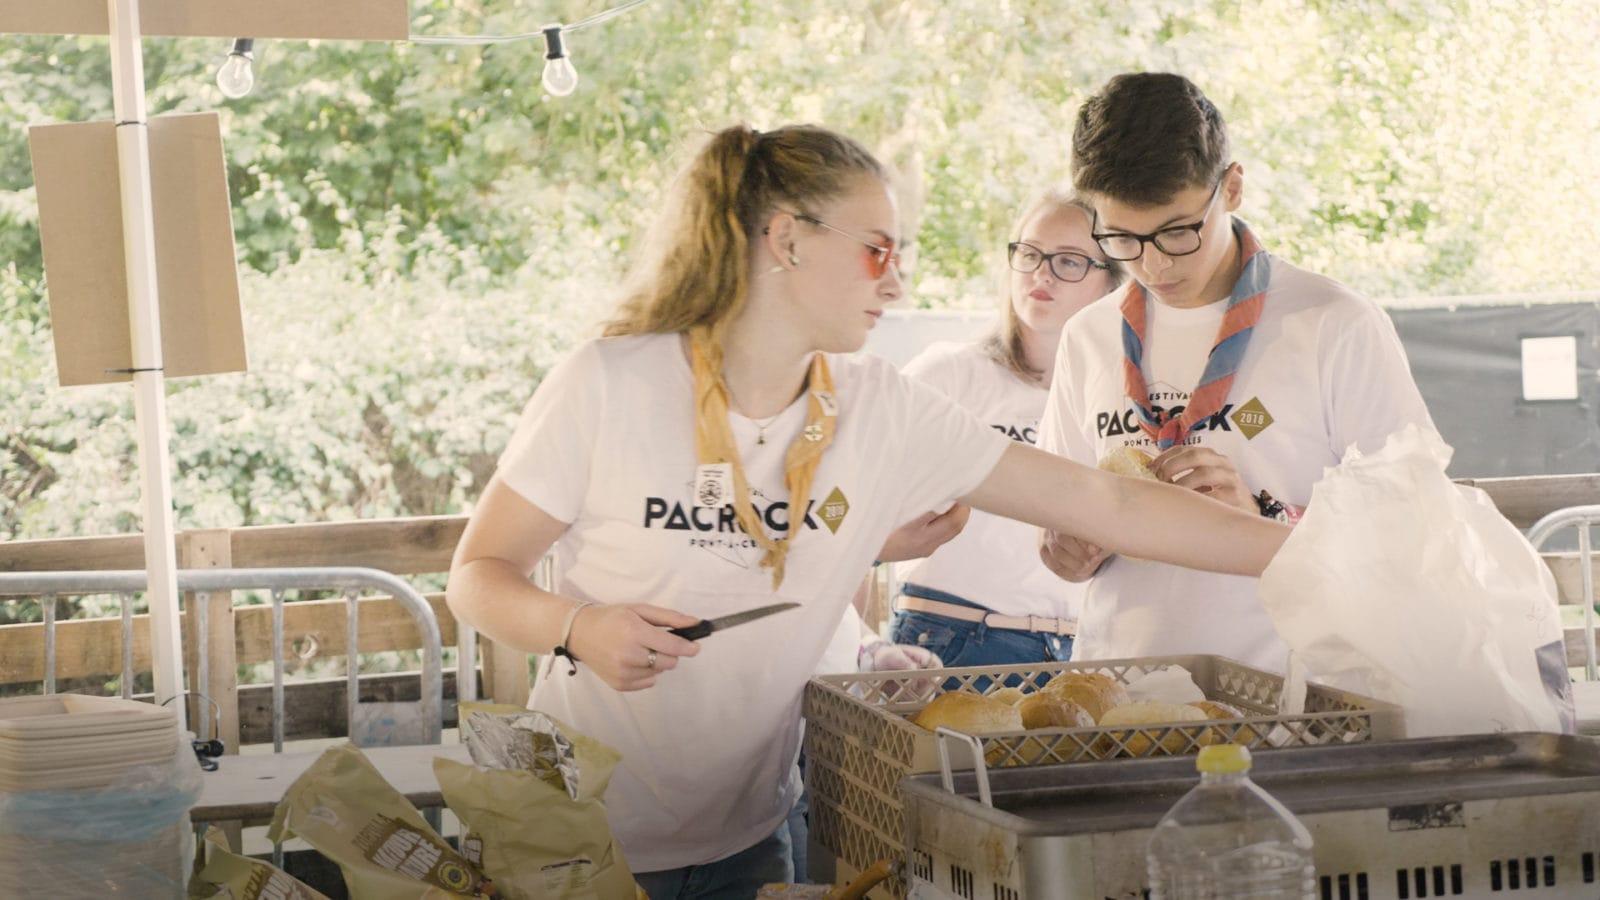 benevole-festival-pacrock-pont-a-celles